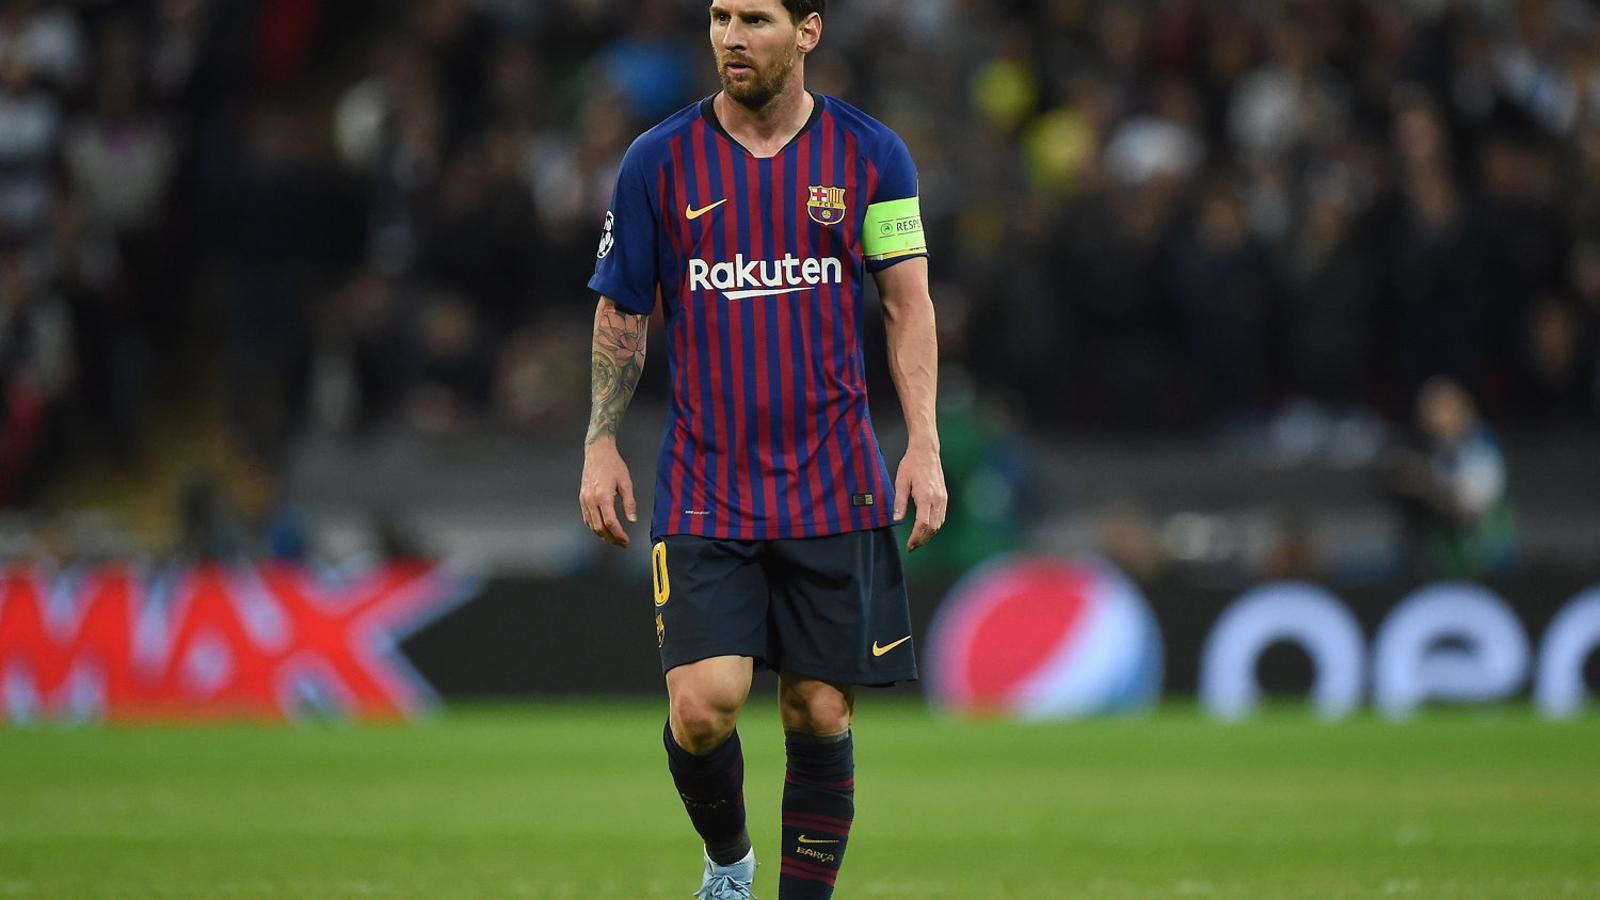 Leo Messi és a la llista, amb Rakitic i Suárez.